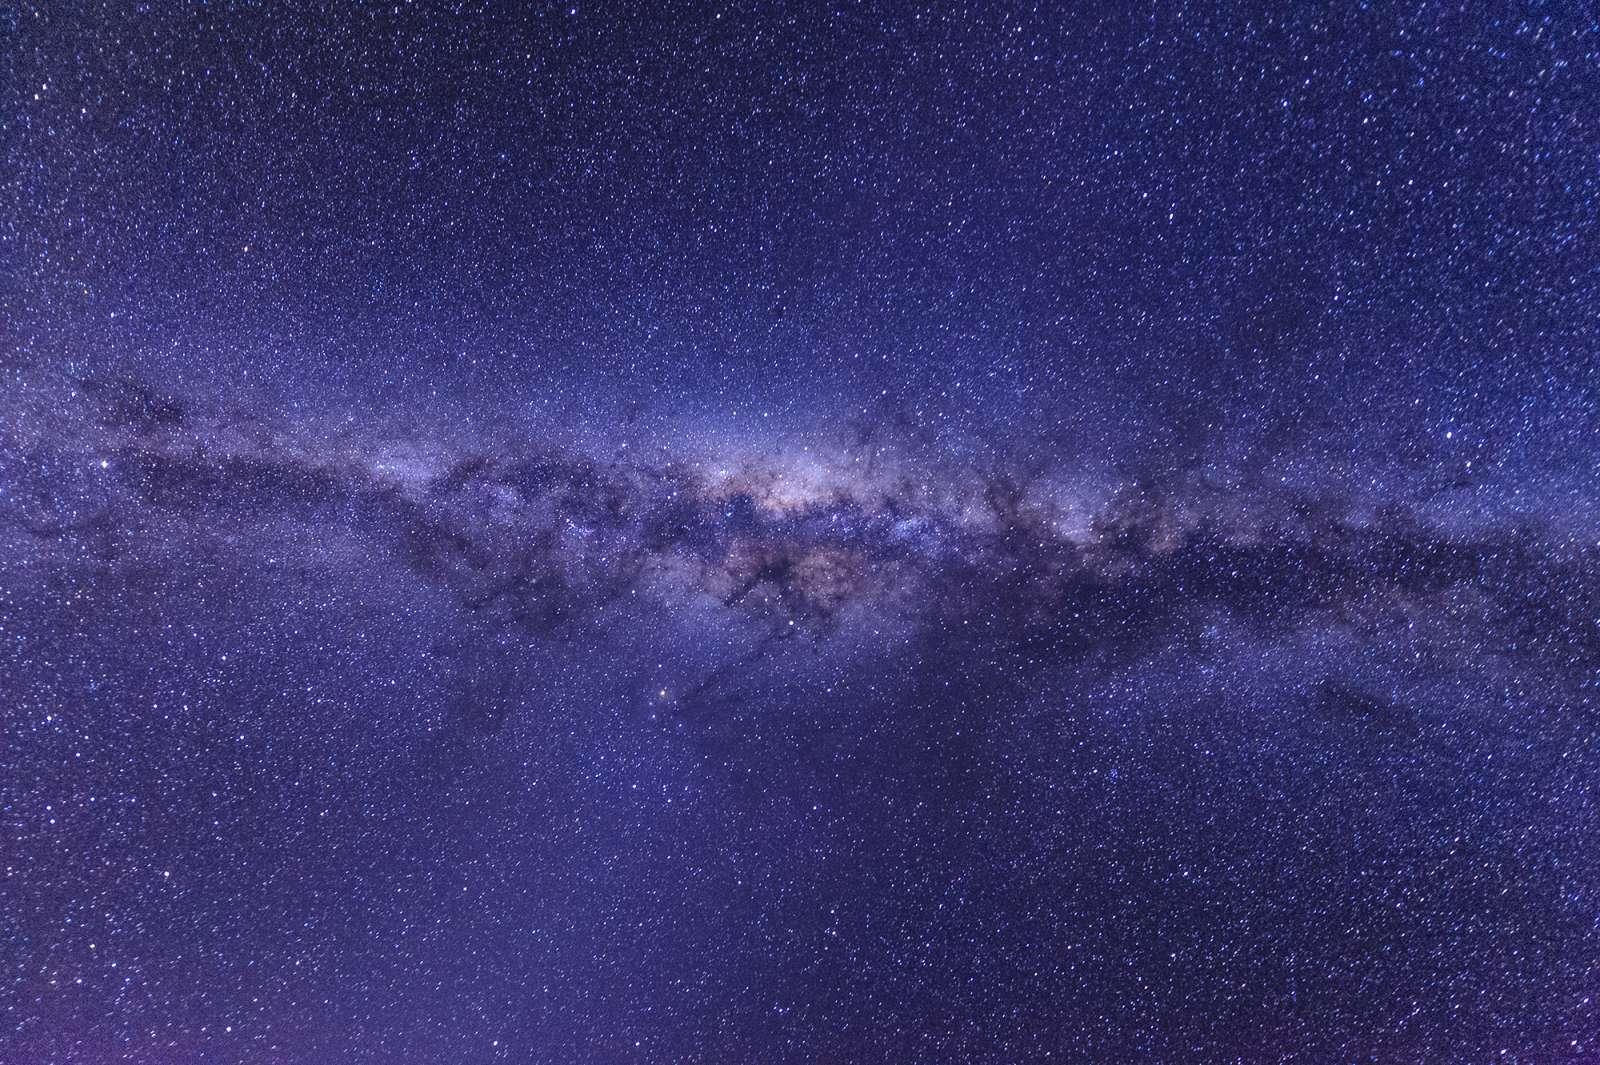 Fotografiando en el desierto de Atacama, Chile. 16